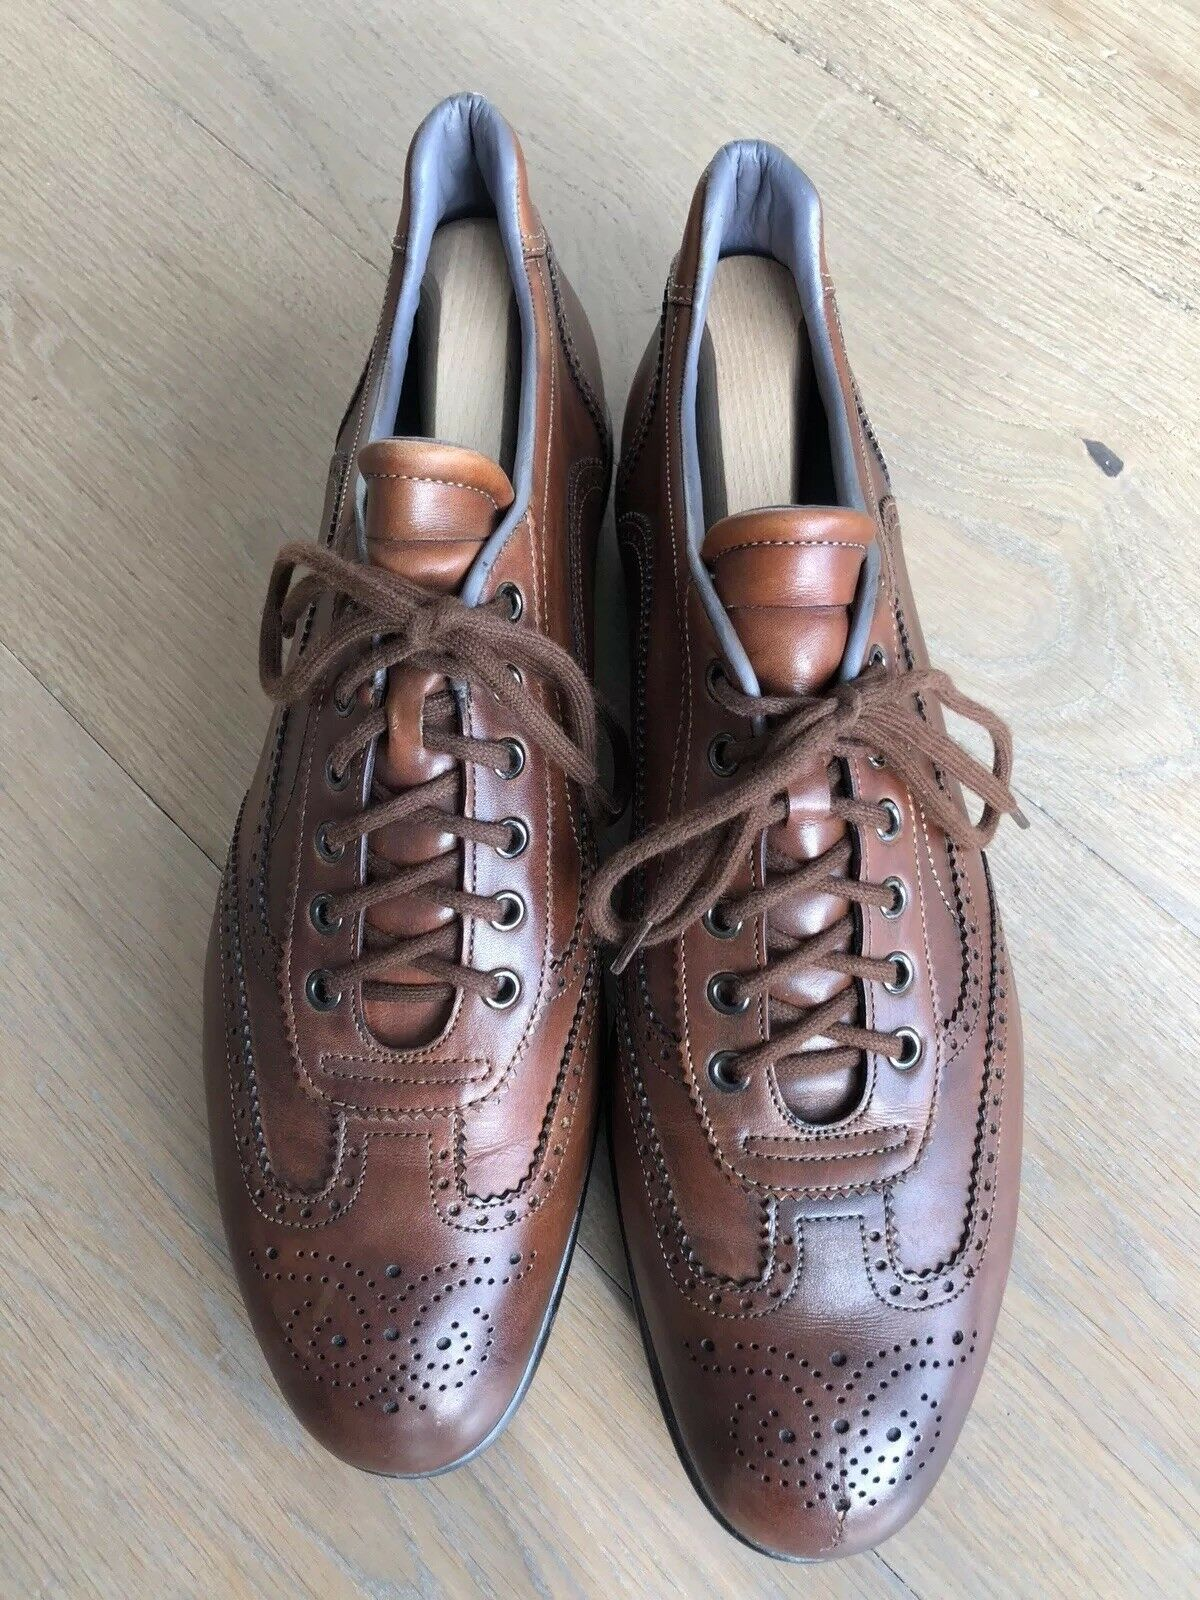 Marc O'Polo Schnuerschuhe 90123713502610920 grau Schuhe